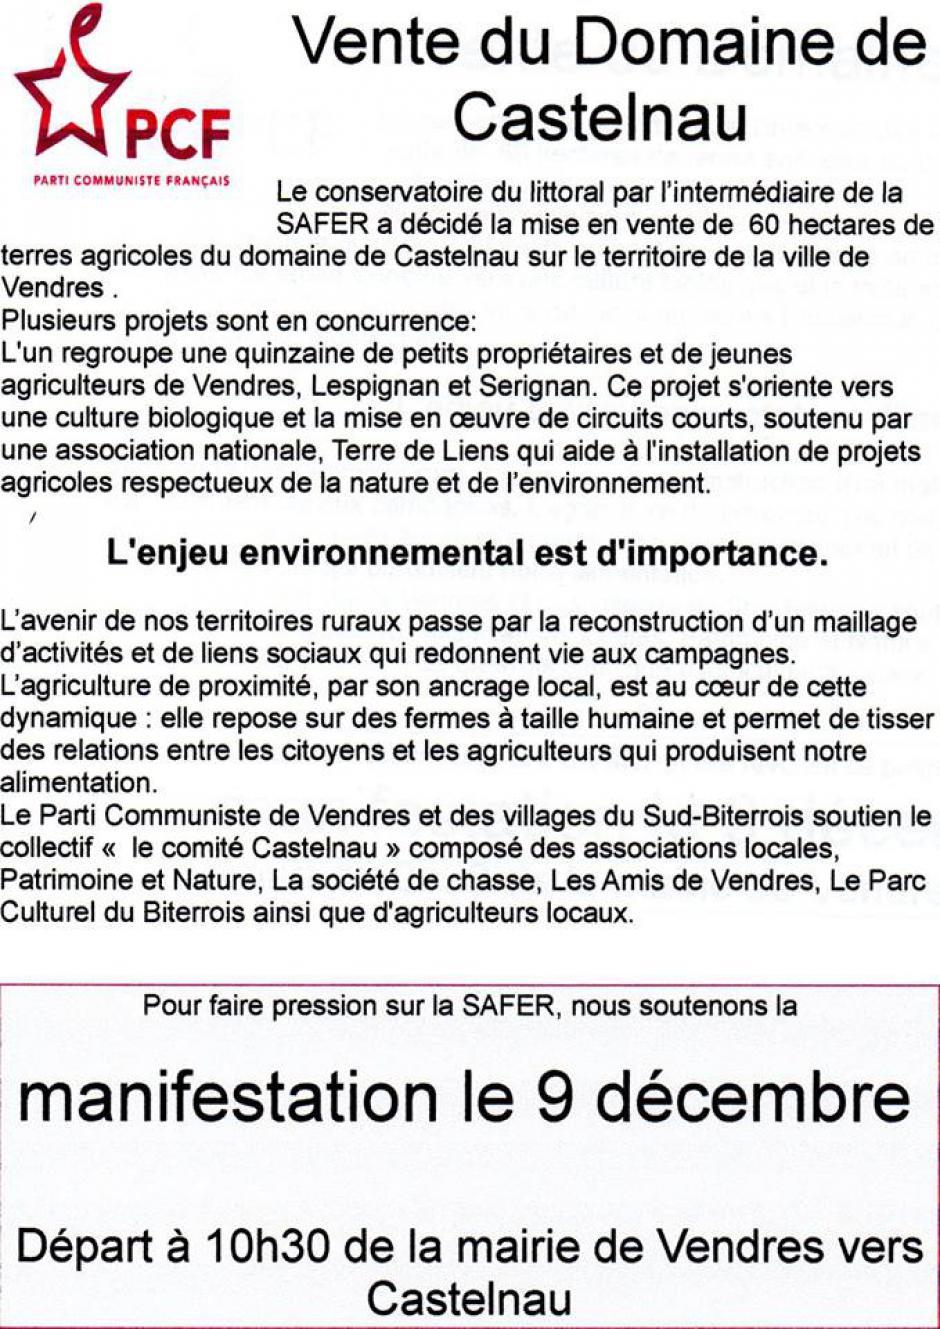 Vendres - Mairie - 10h30 : Manifestation contre la vente du domaine de Castelnau